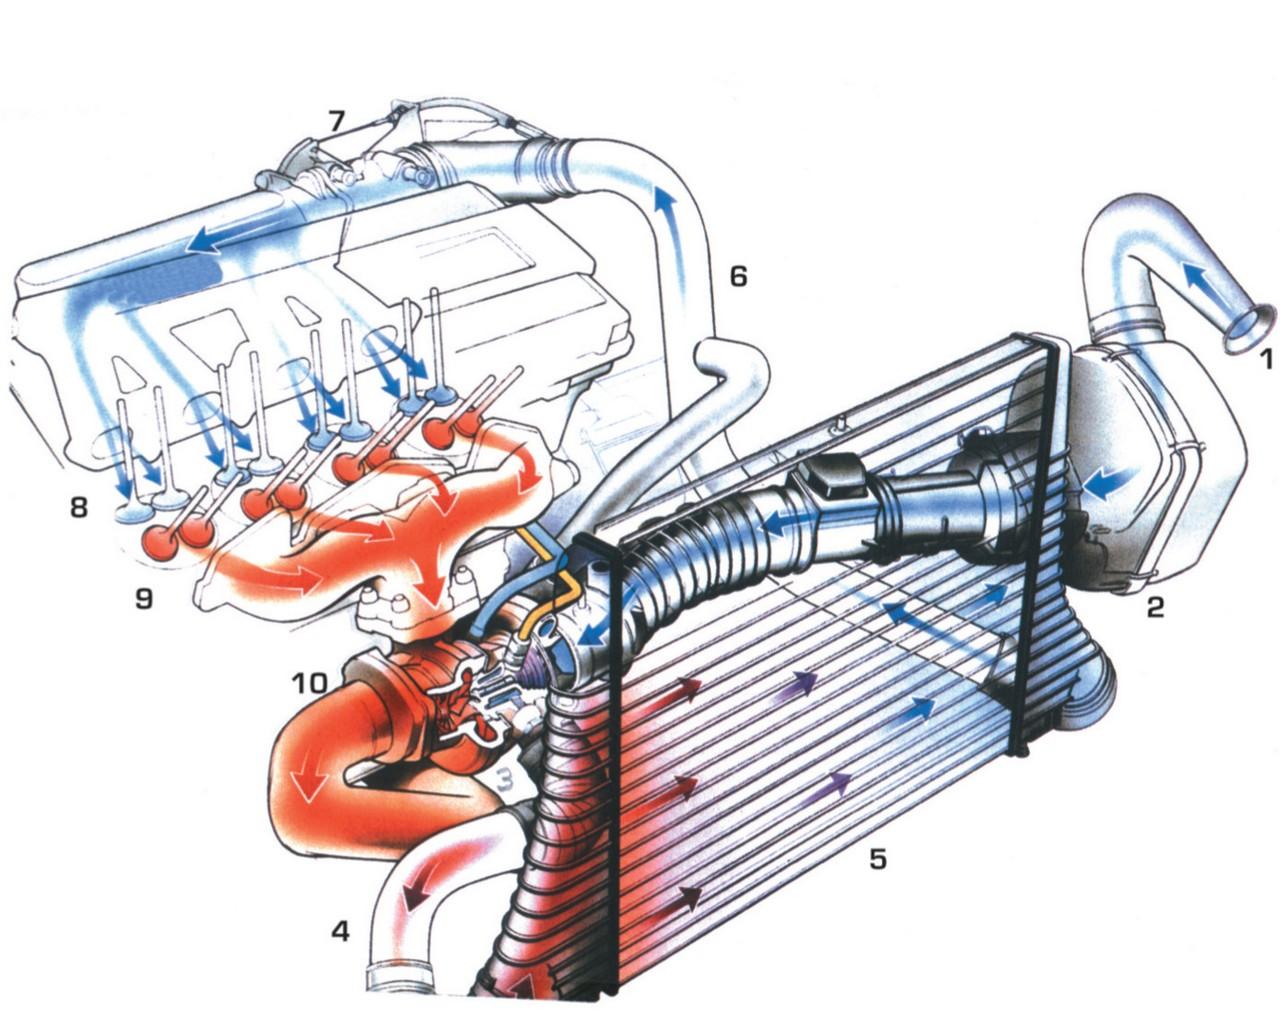 Maggiore Car Repair Kit